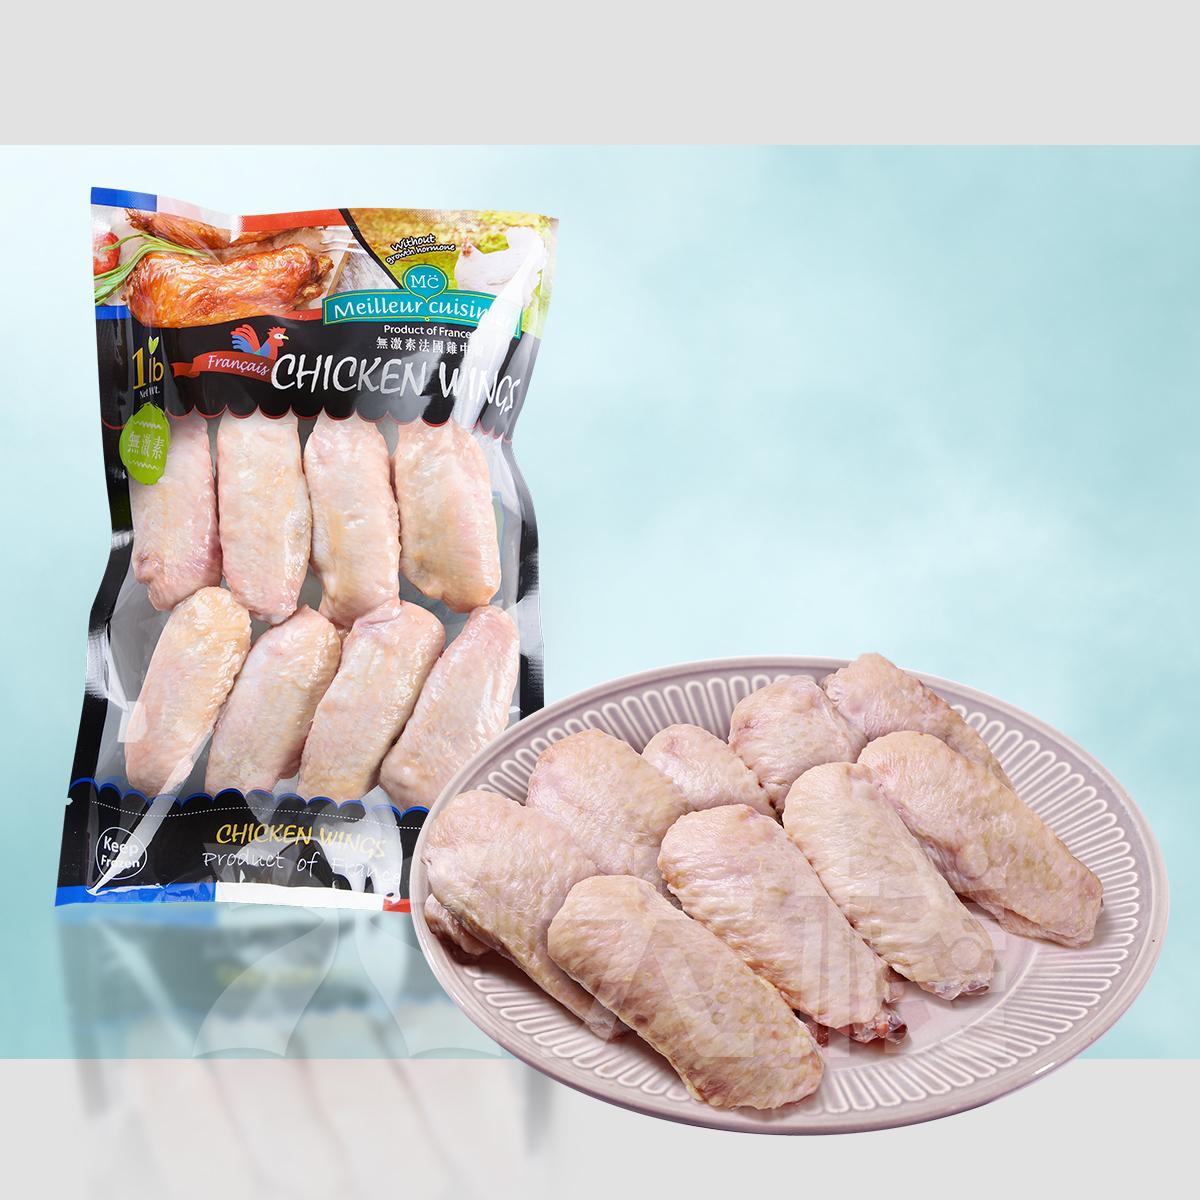 法國無激素雞翼 (1磅) - 蒜香味